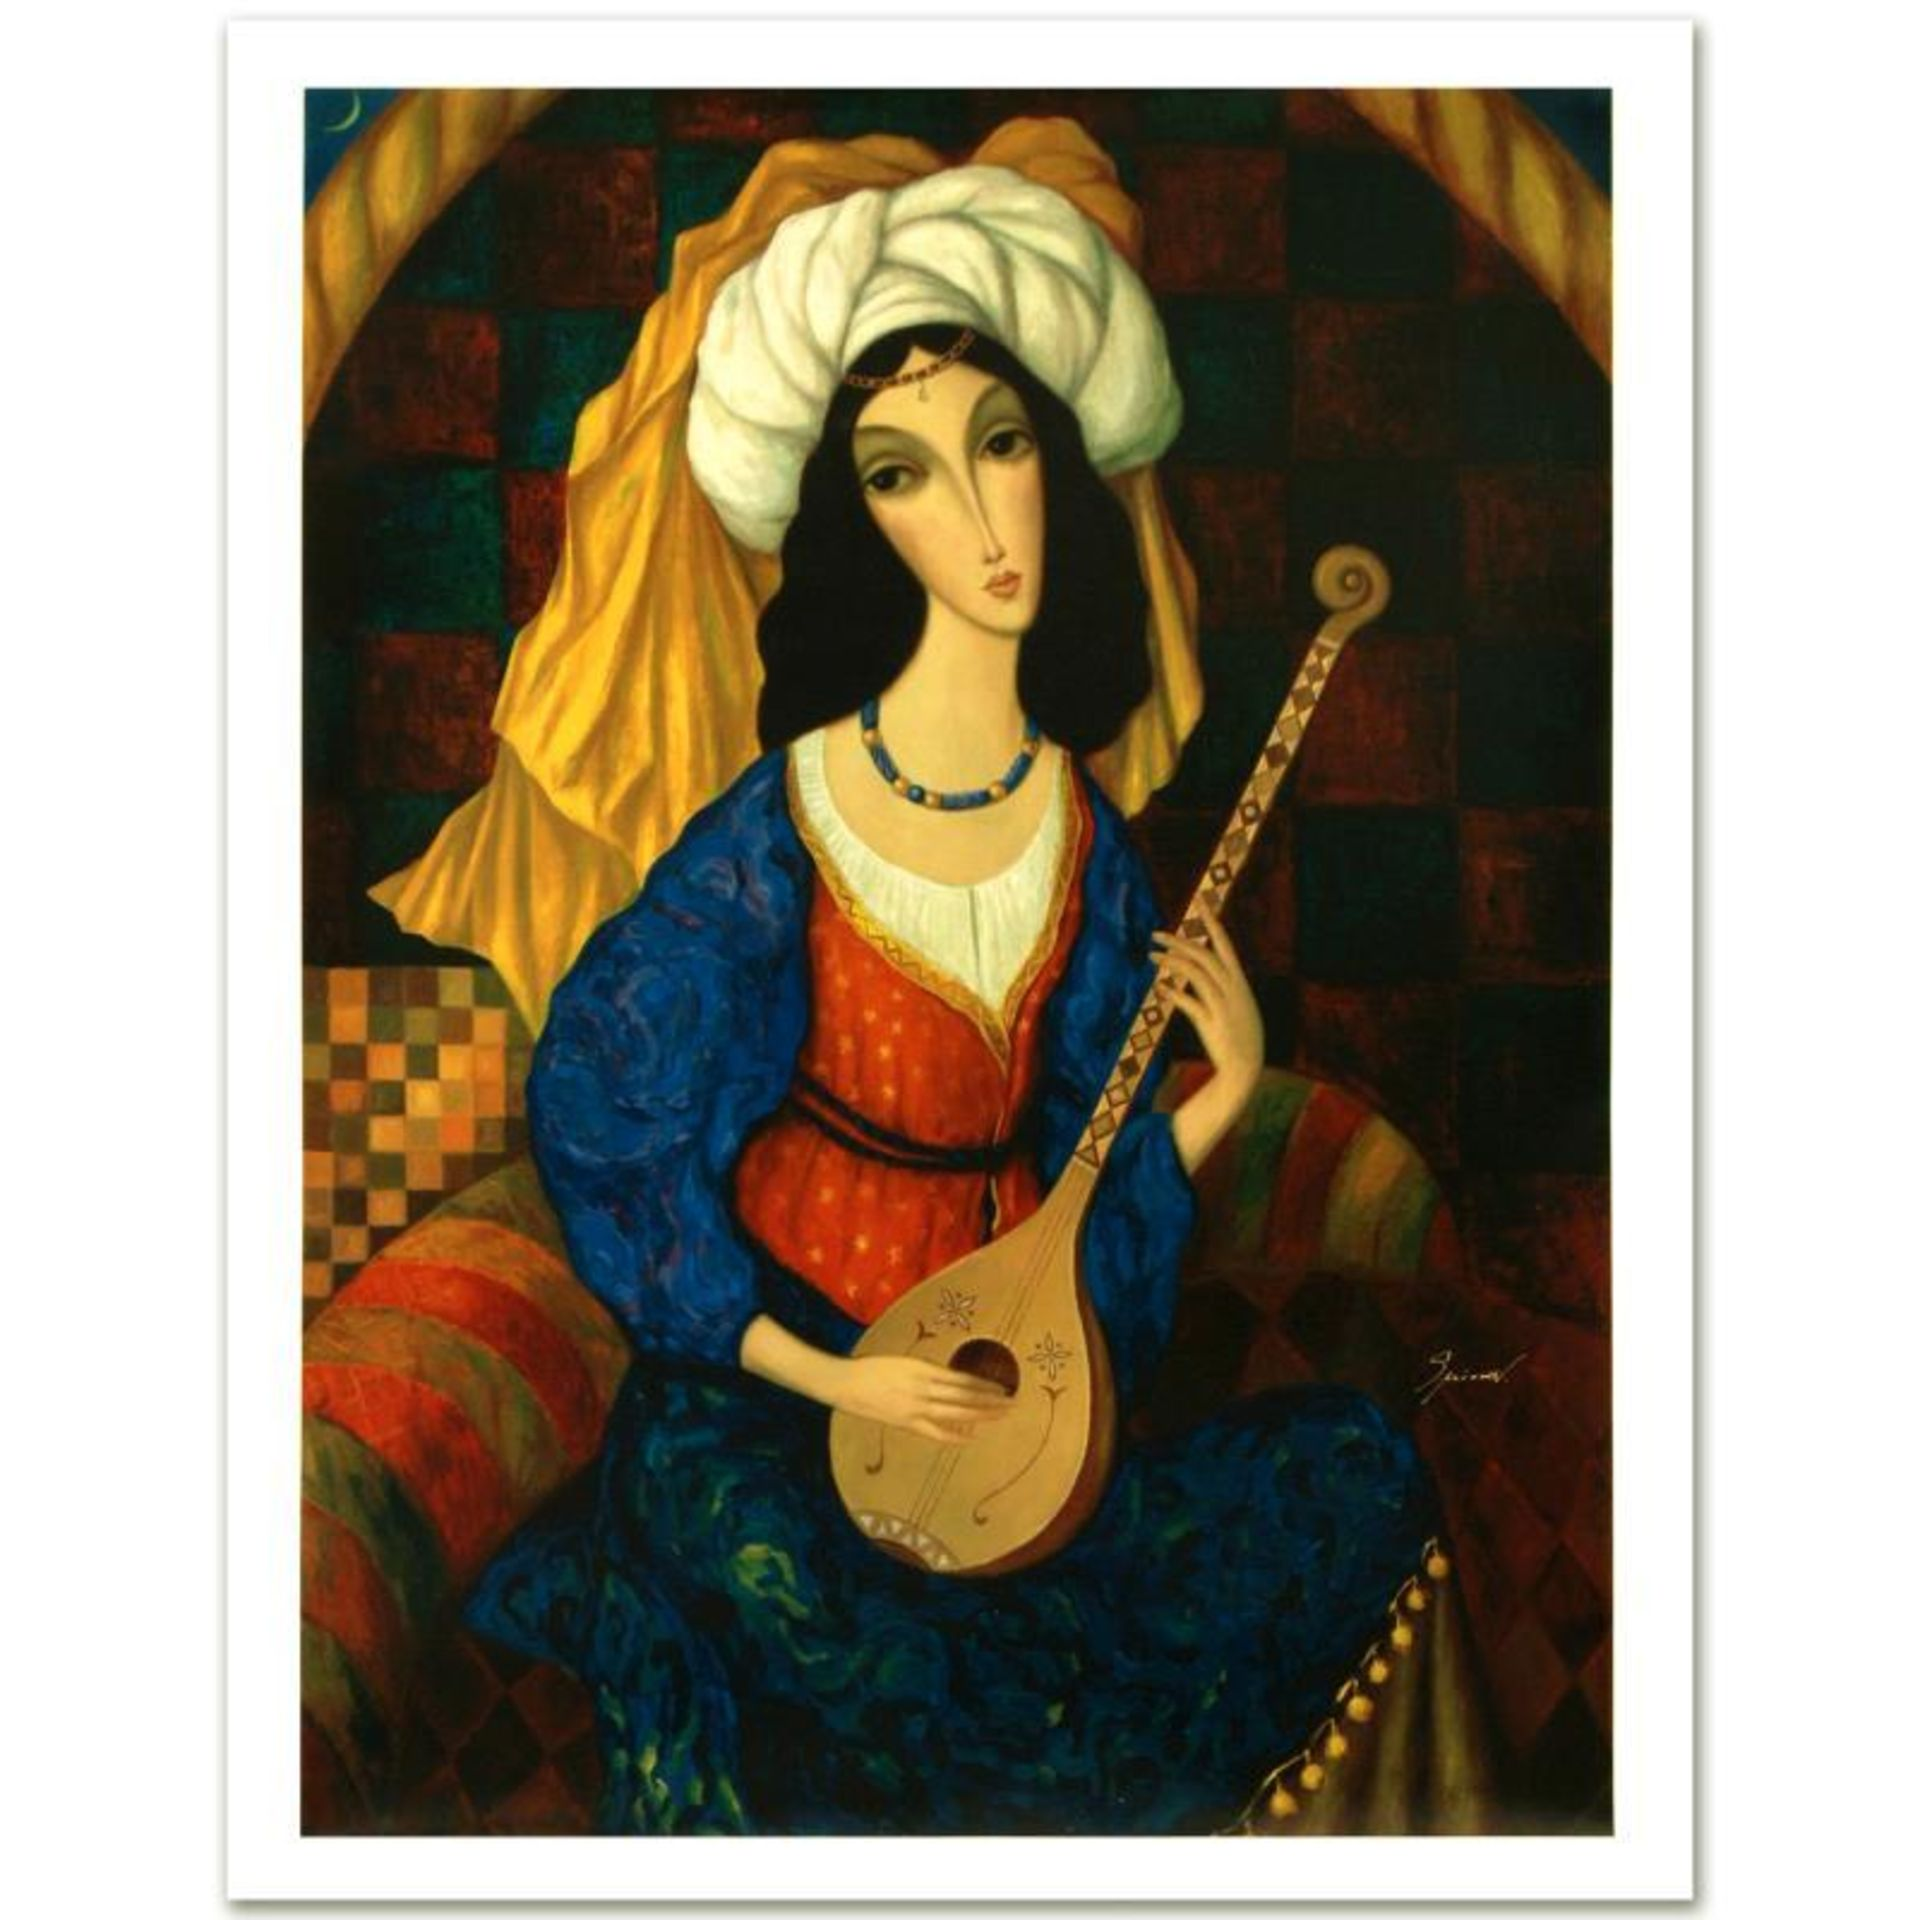 """Sergey Smirnov (1953-2006), """"Scheherazade"""" Limited Edition Mixed Media on Canvas"""